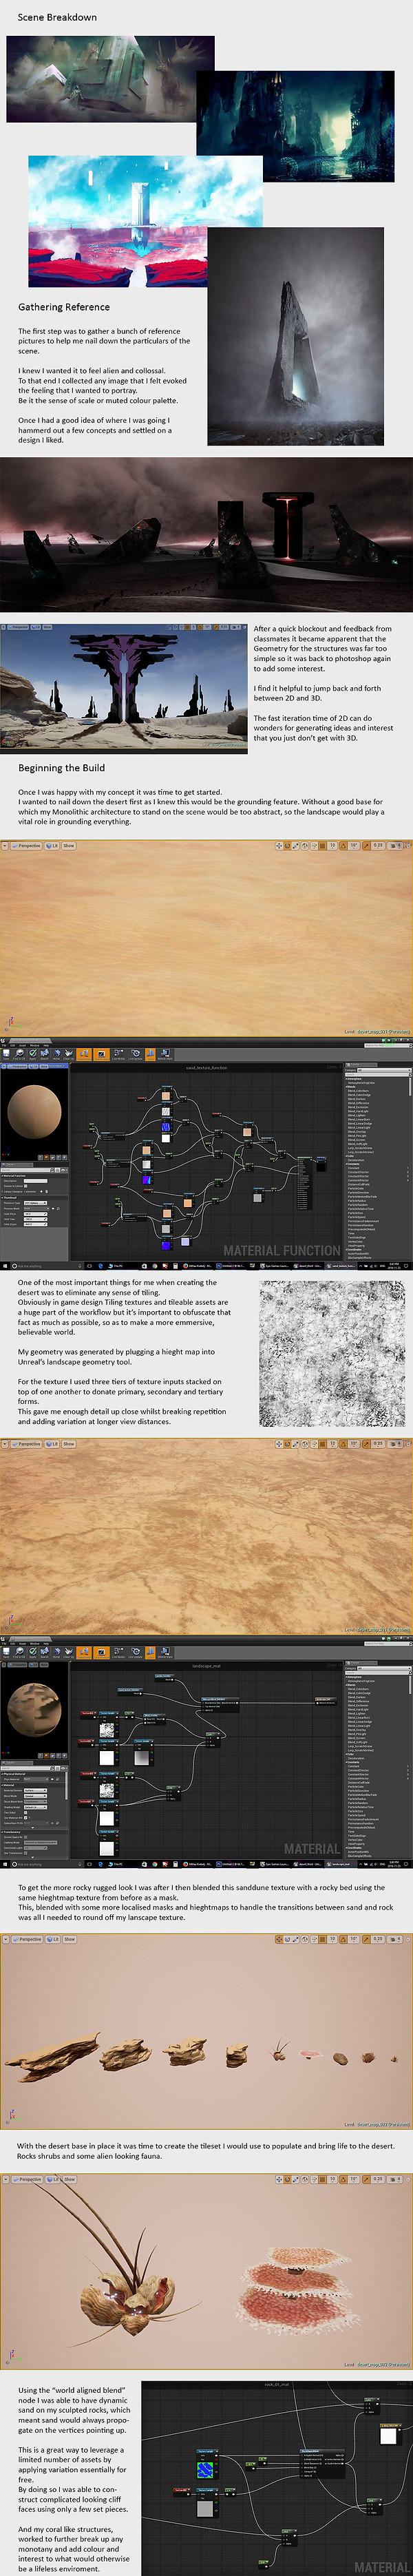 Desert scene breakdown